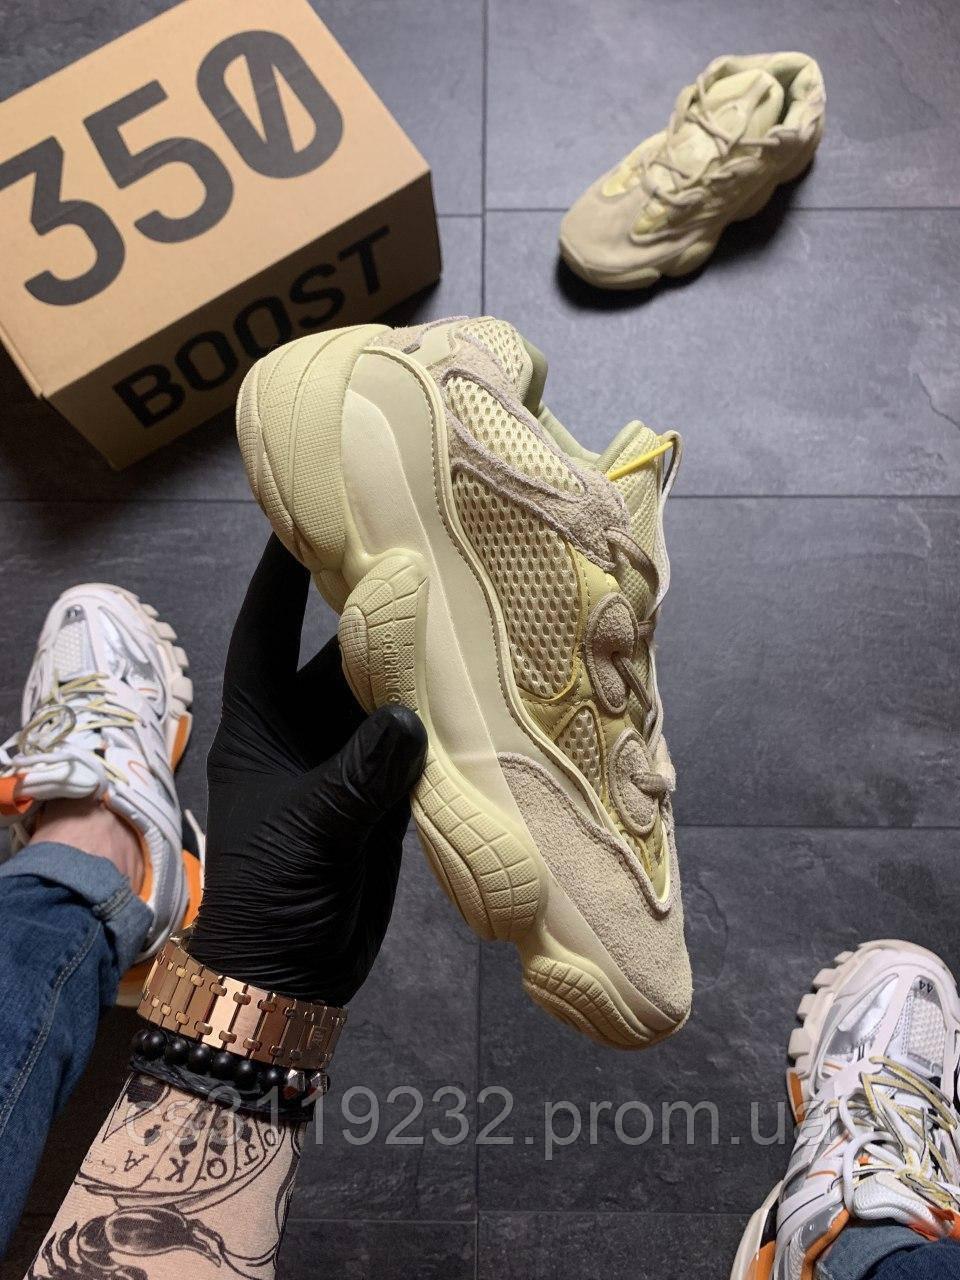 Жіночі кросівки Adidas Yeezy Boost 500 Super Moon (кремові)